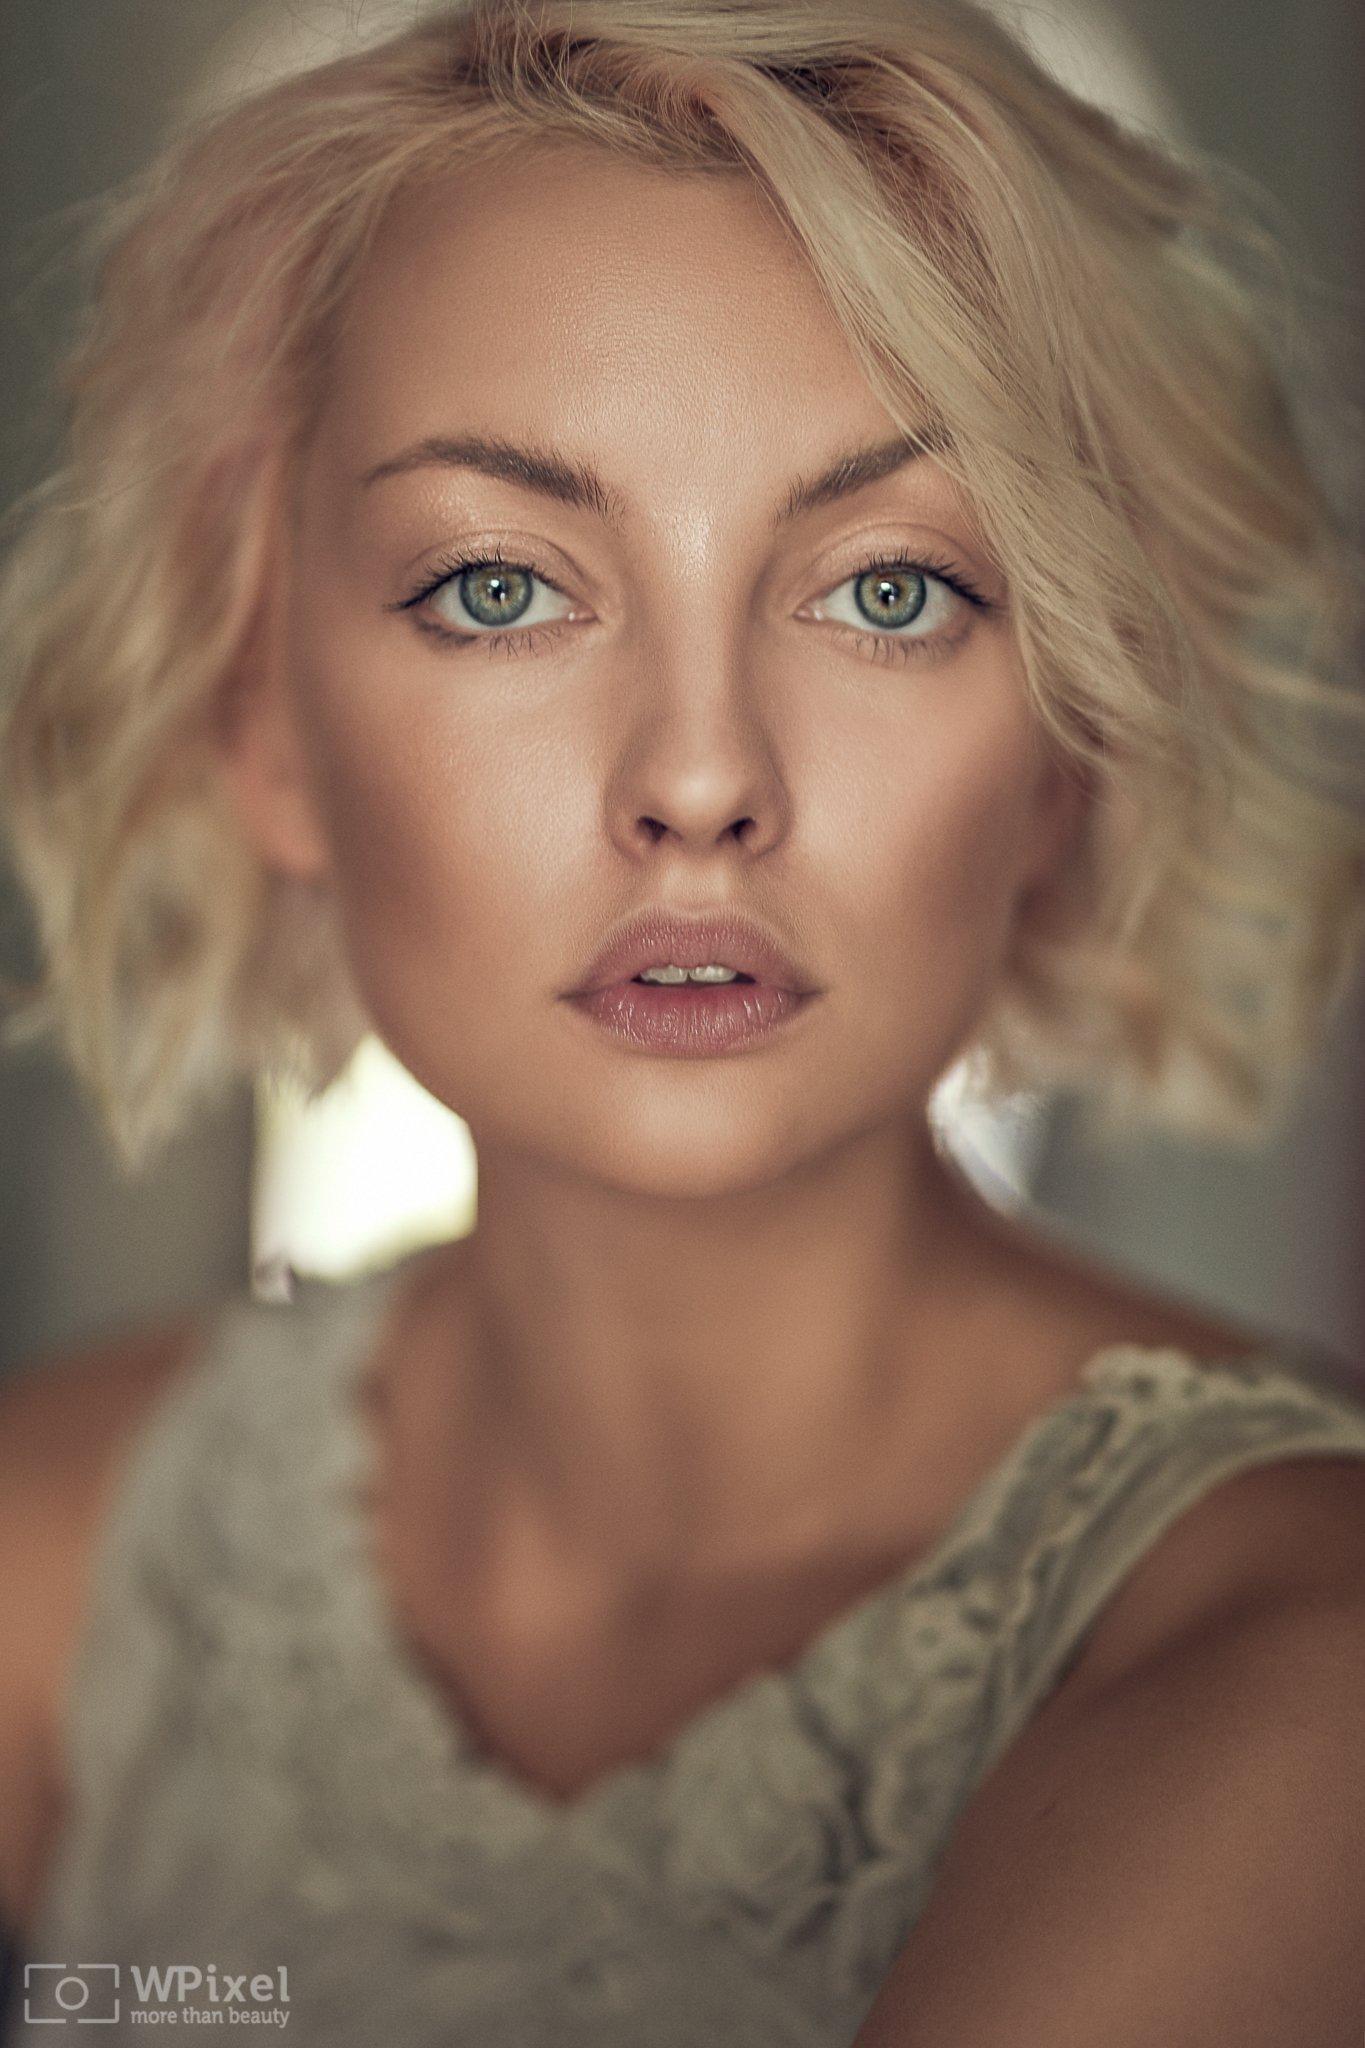 portrait women eyes blonde, Wojtek Polaczkiewicz